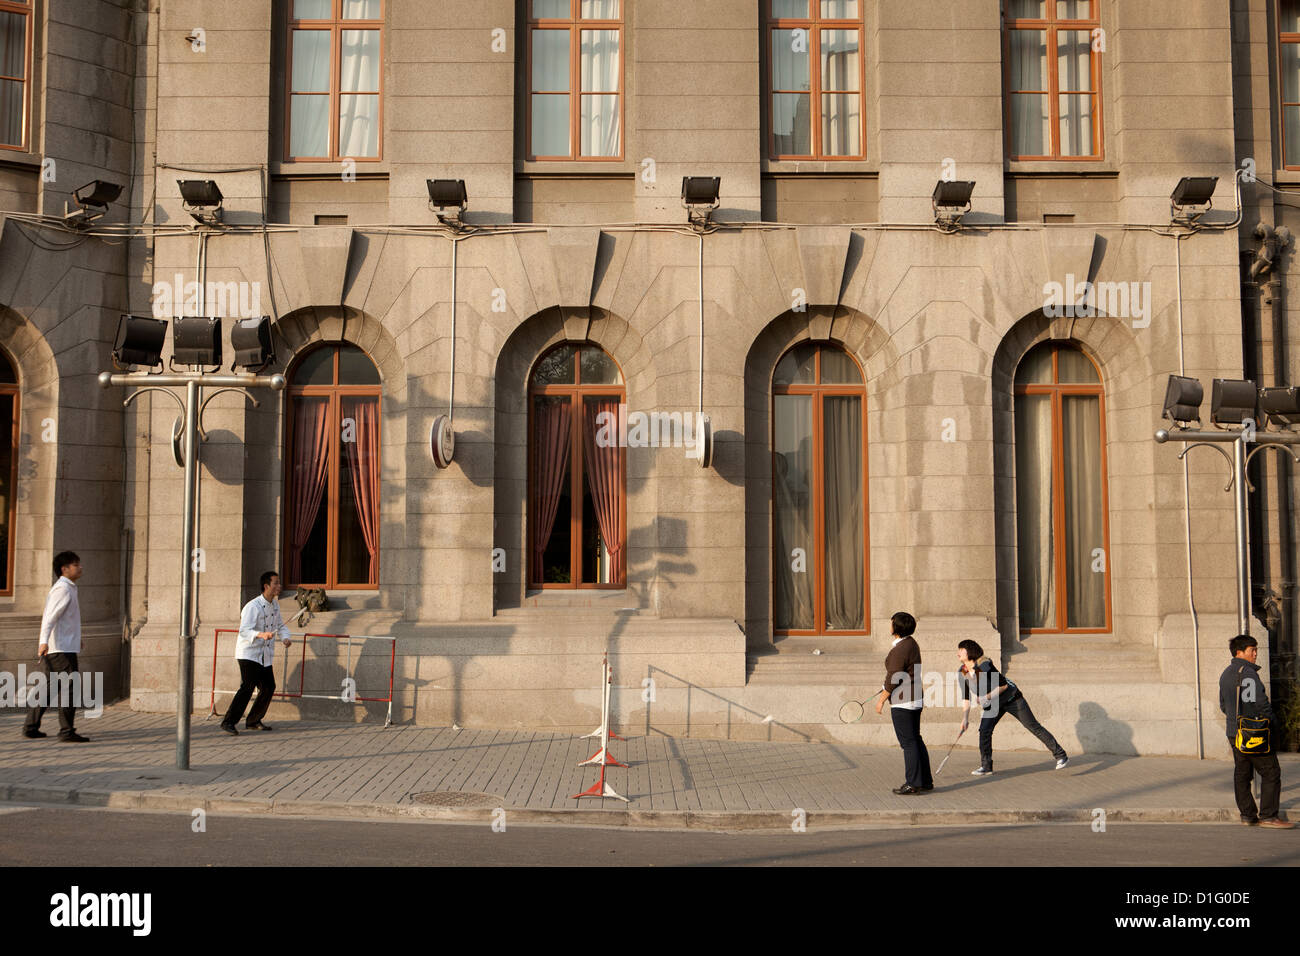 Les gens à jouer au badminton dans la rue à Shanghai. Chine 2009 Photo Stock